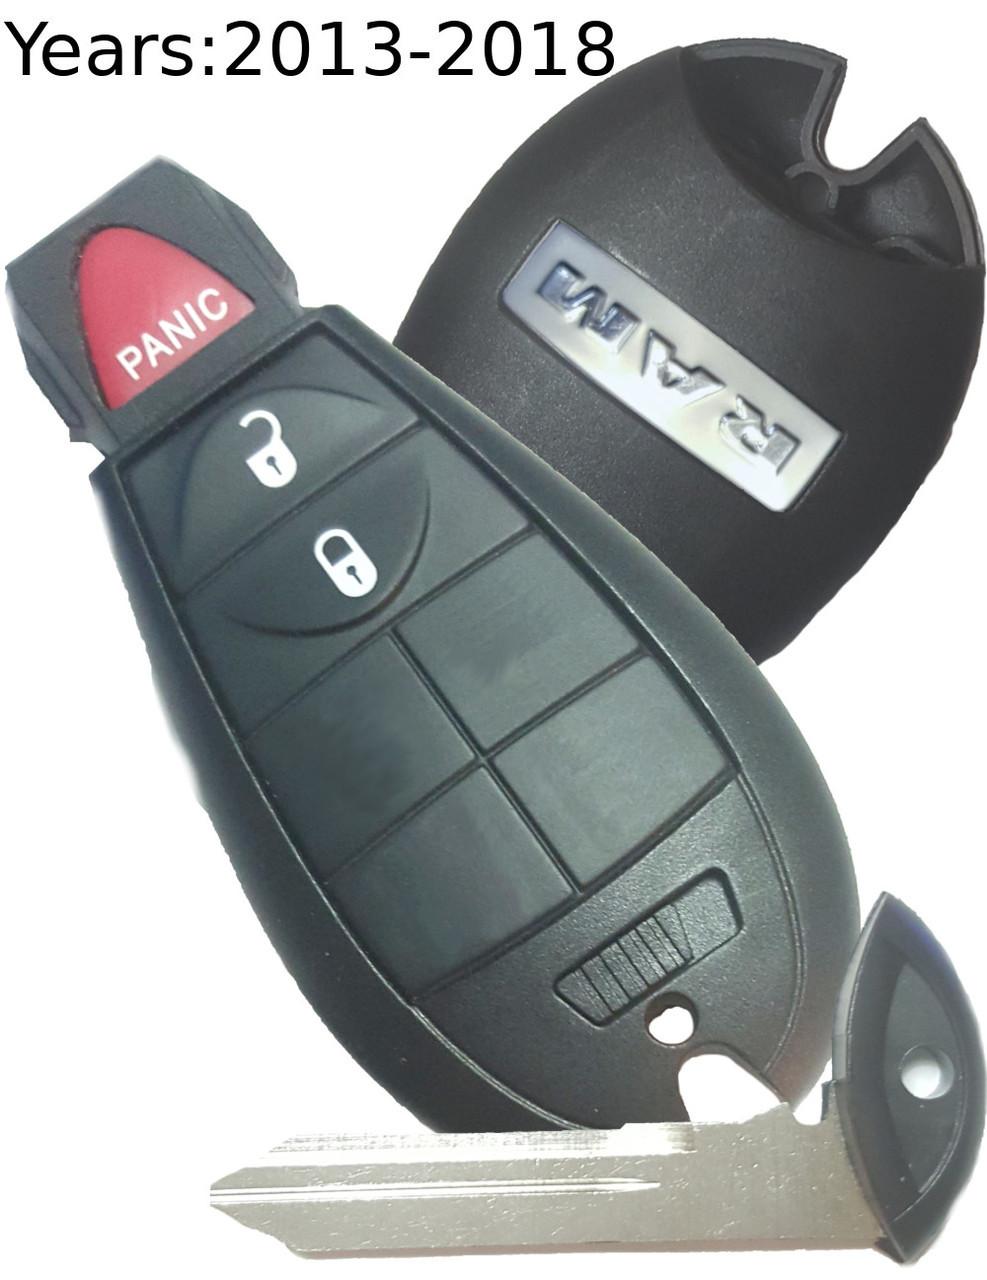 RAM Ram 1500 , Ram 2500 , Ram 3500 , Ram 1500 Classic 56046953 GQ4-53T 1470A-35T Key - Fob / Remote